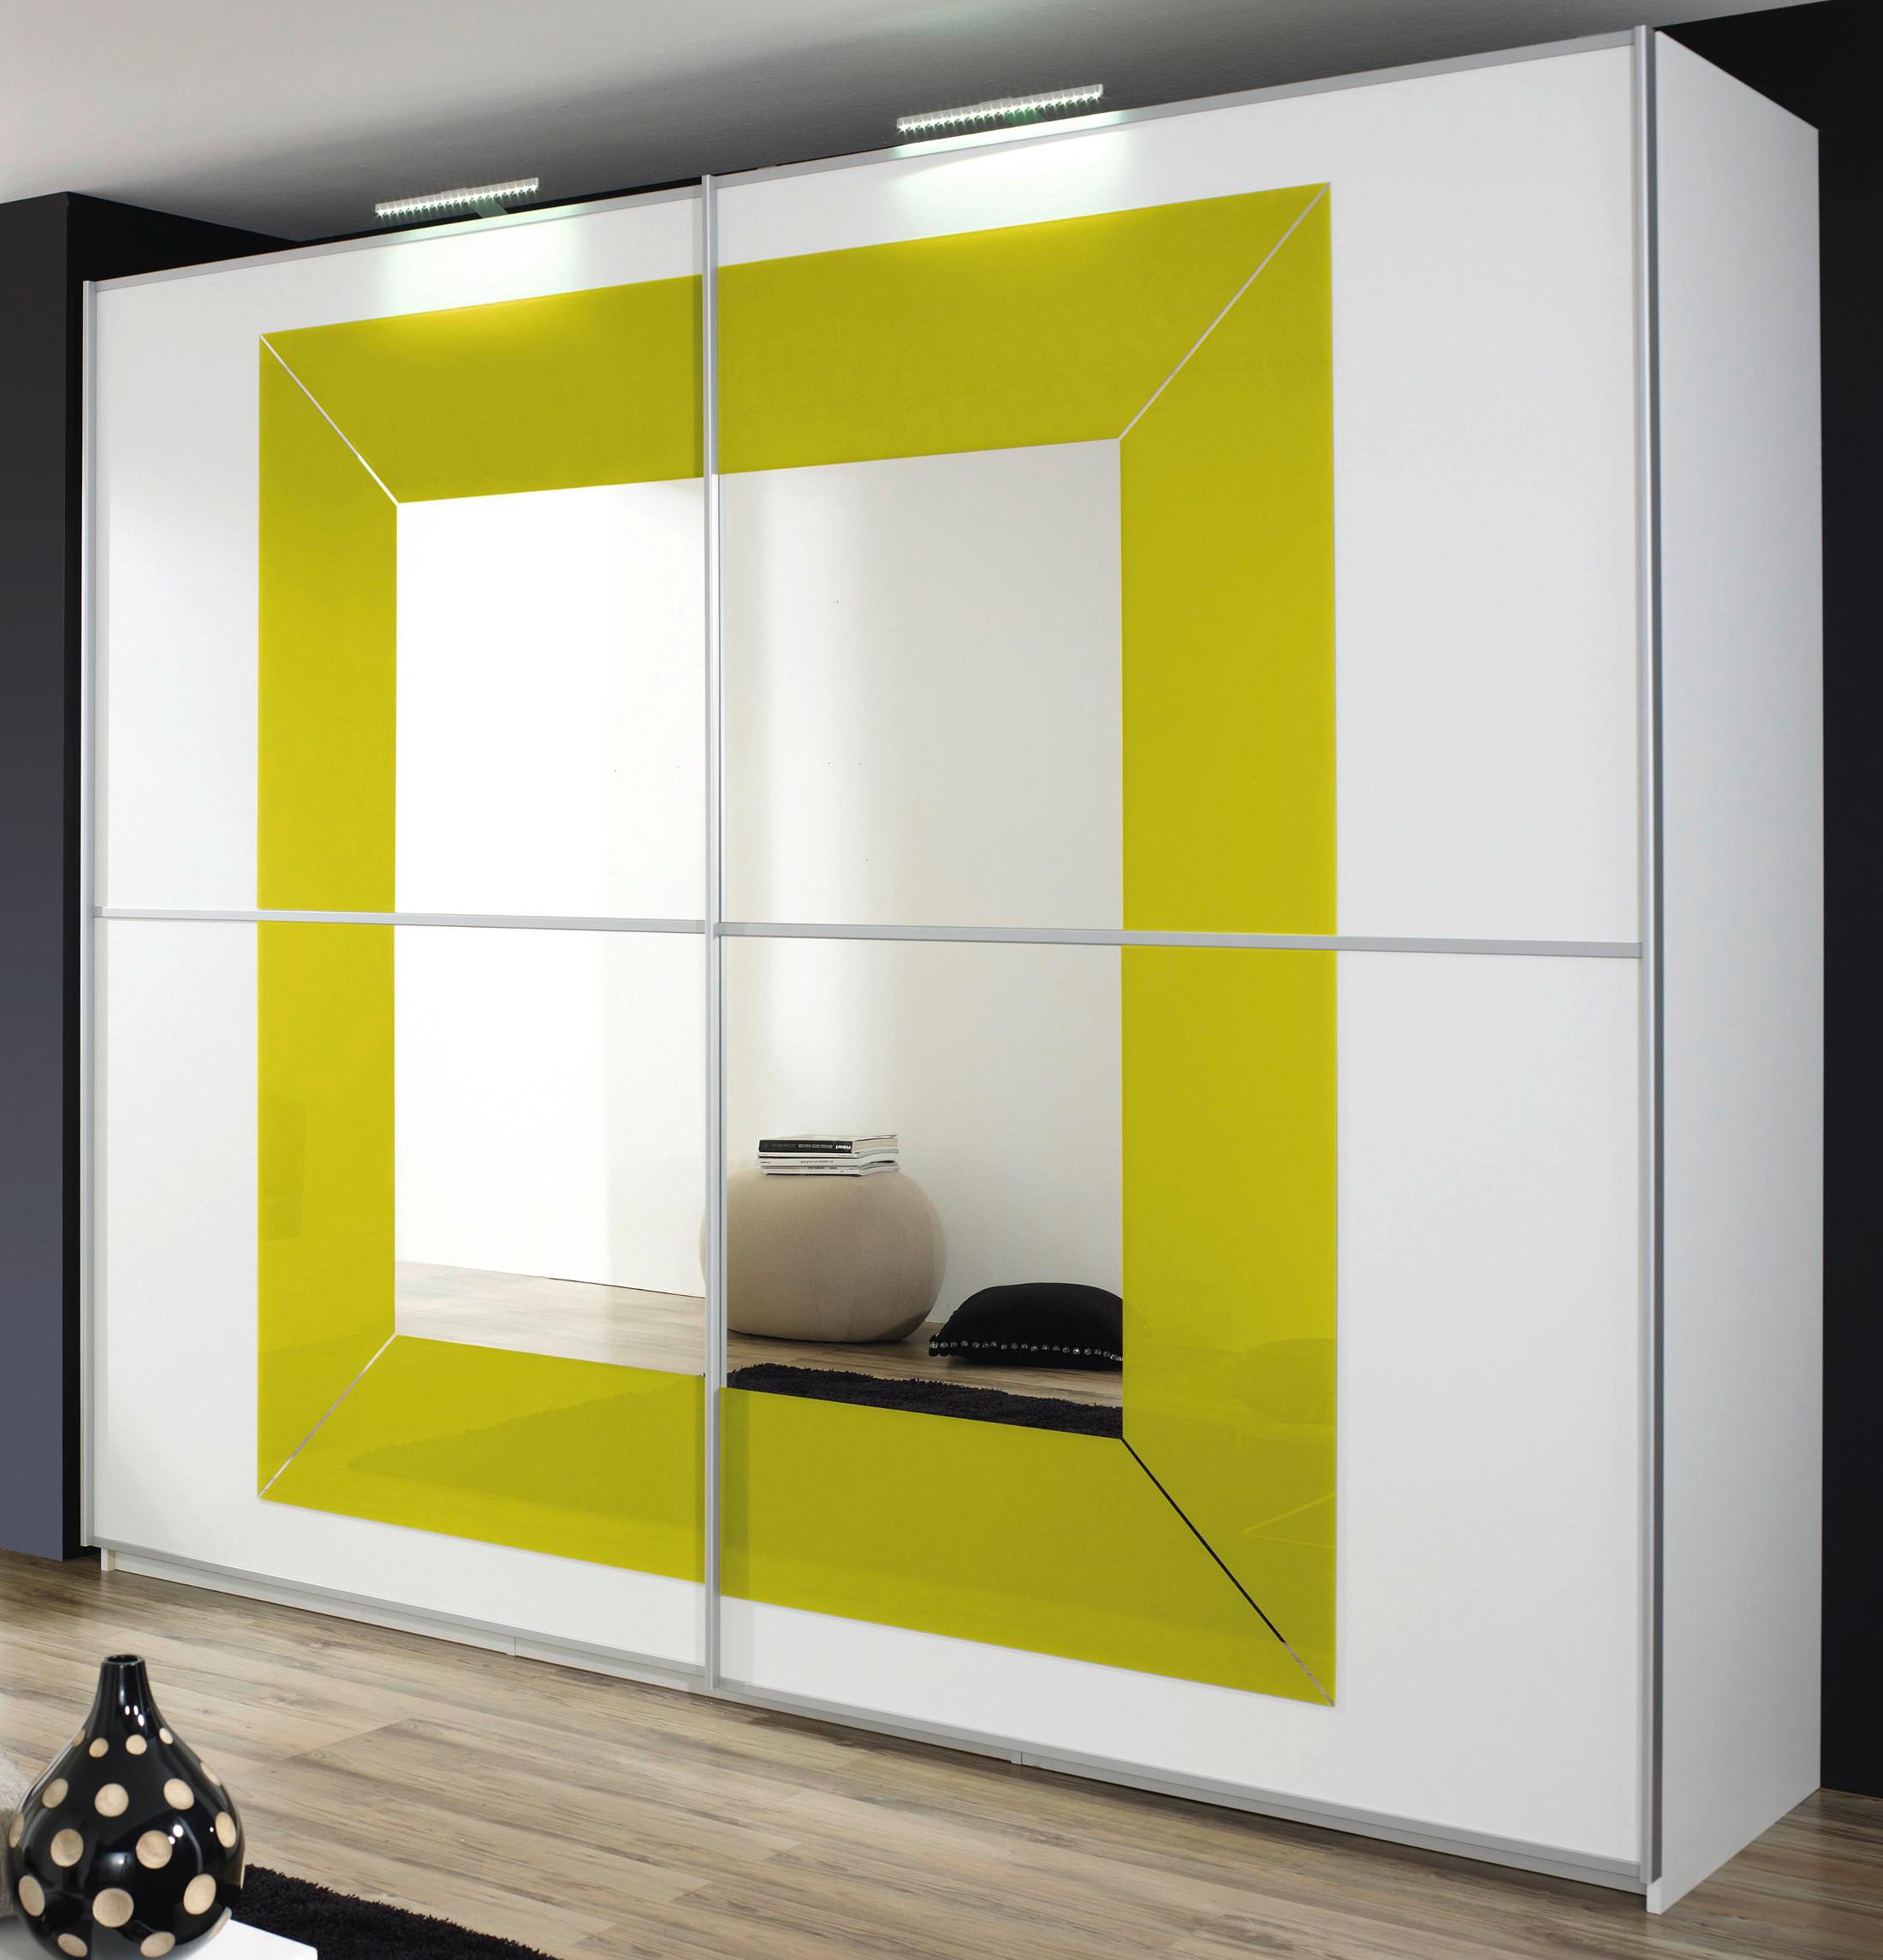 rauch schwebet renschrank focus 4 breiten 2 h hen verschiedene farben ebay. Black Bedroom Furniture Sets. Home Design Ideas